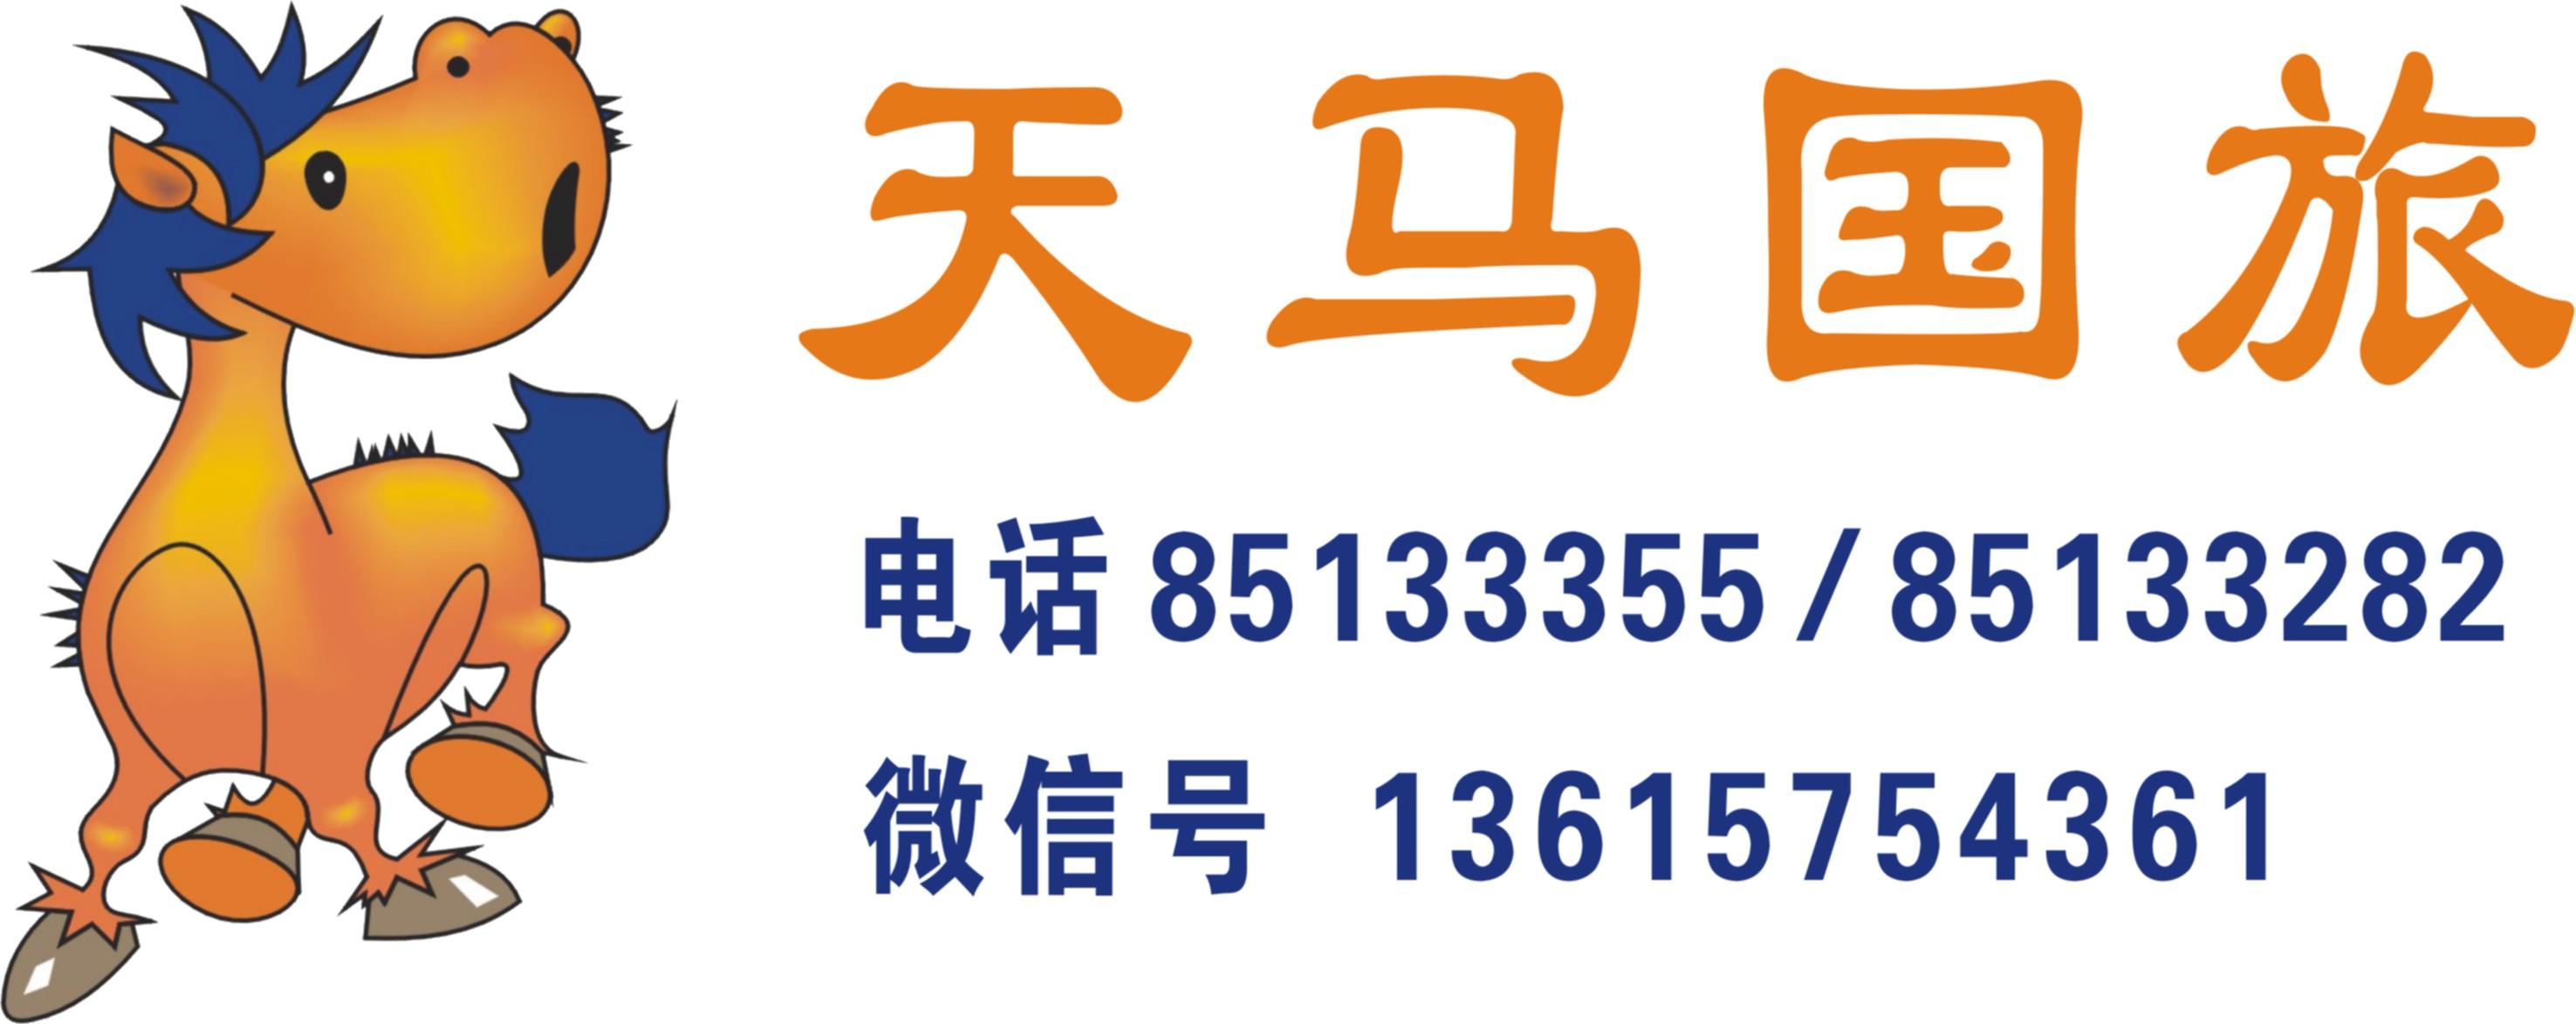 2-3月【三亚纯净海洋双飞五日】0自费 升级一晚海边五星酒店